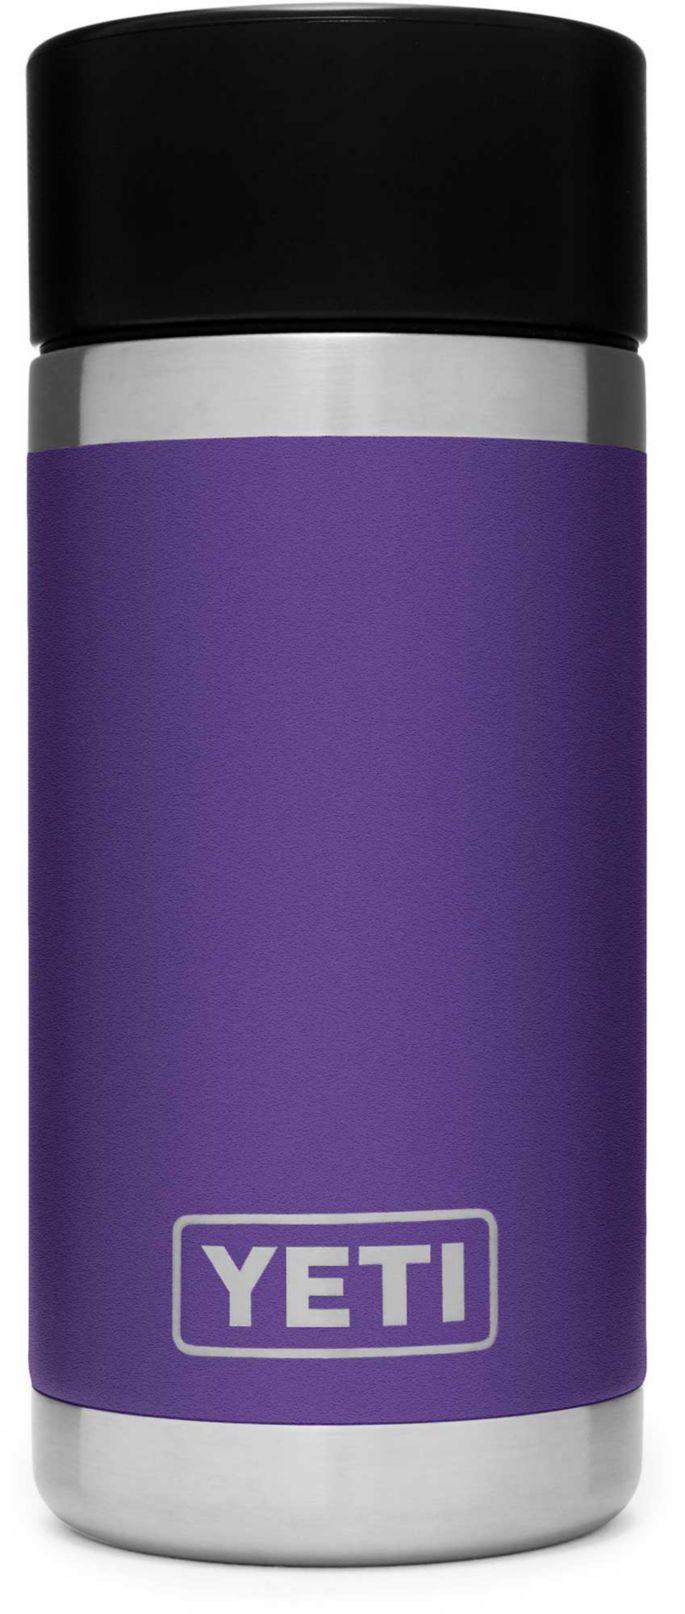 ea6b6f7a209 YETI Rambler 12 oz. Bottle with HotShot Cap | Golf Galaxy